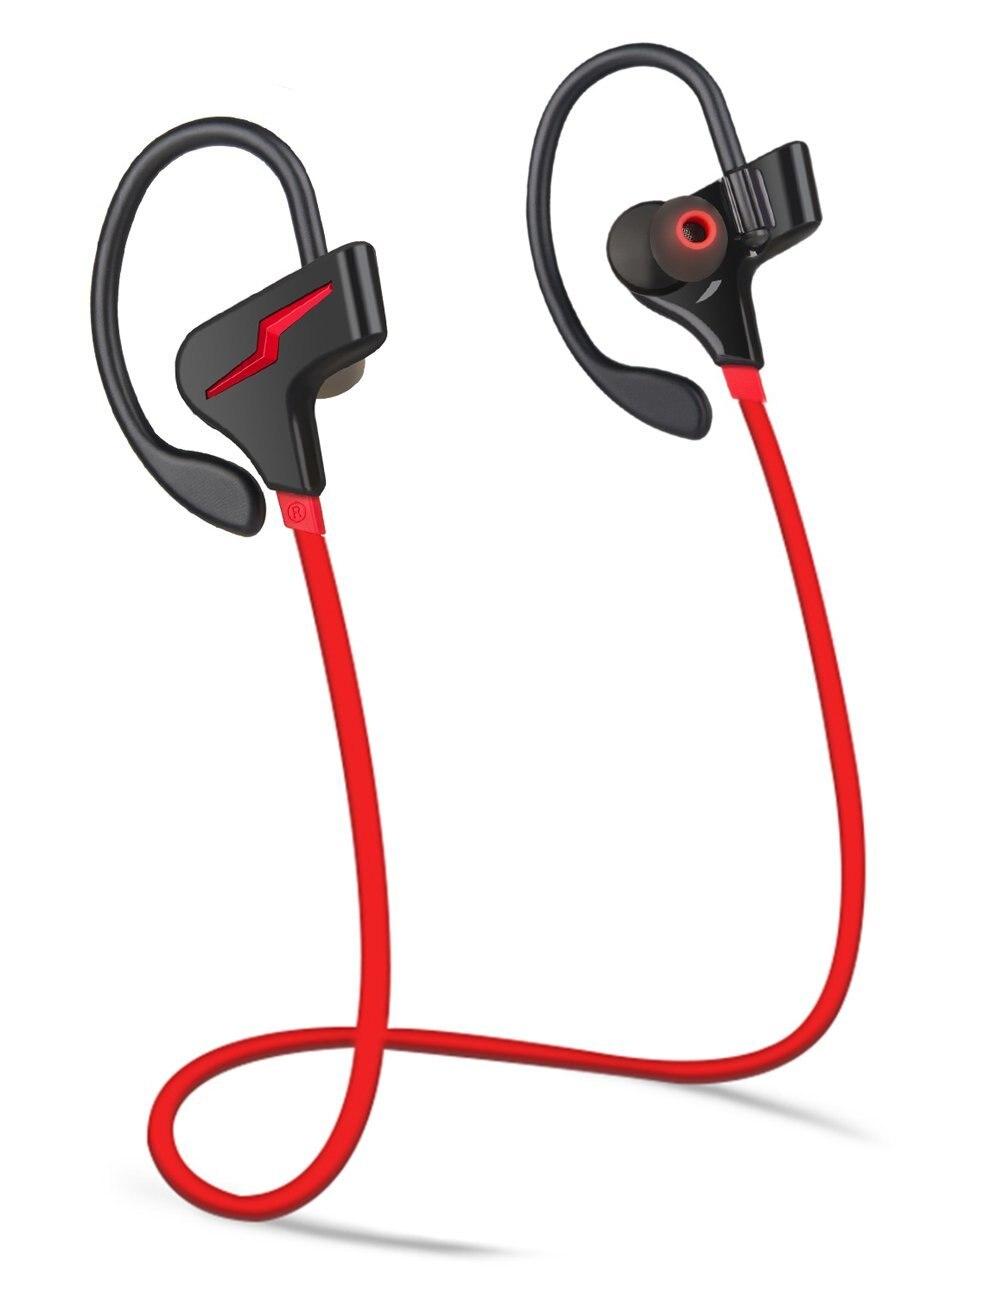 Bluetooth Headphones Wireless Sport Earbuds Waterproof IPX7 Deep Bass HiFi Stereo In-Ear Earphones w/ Mic Headsets 8-9 Hrs bs 361 folding stereo bass headphones w tf fm speaker deep blue white